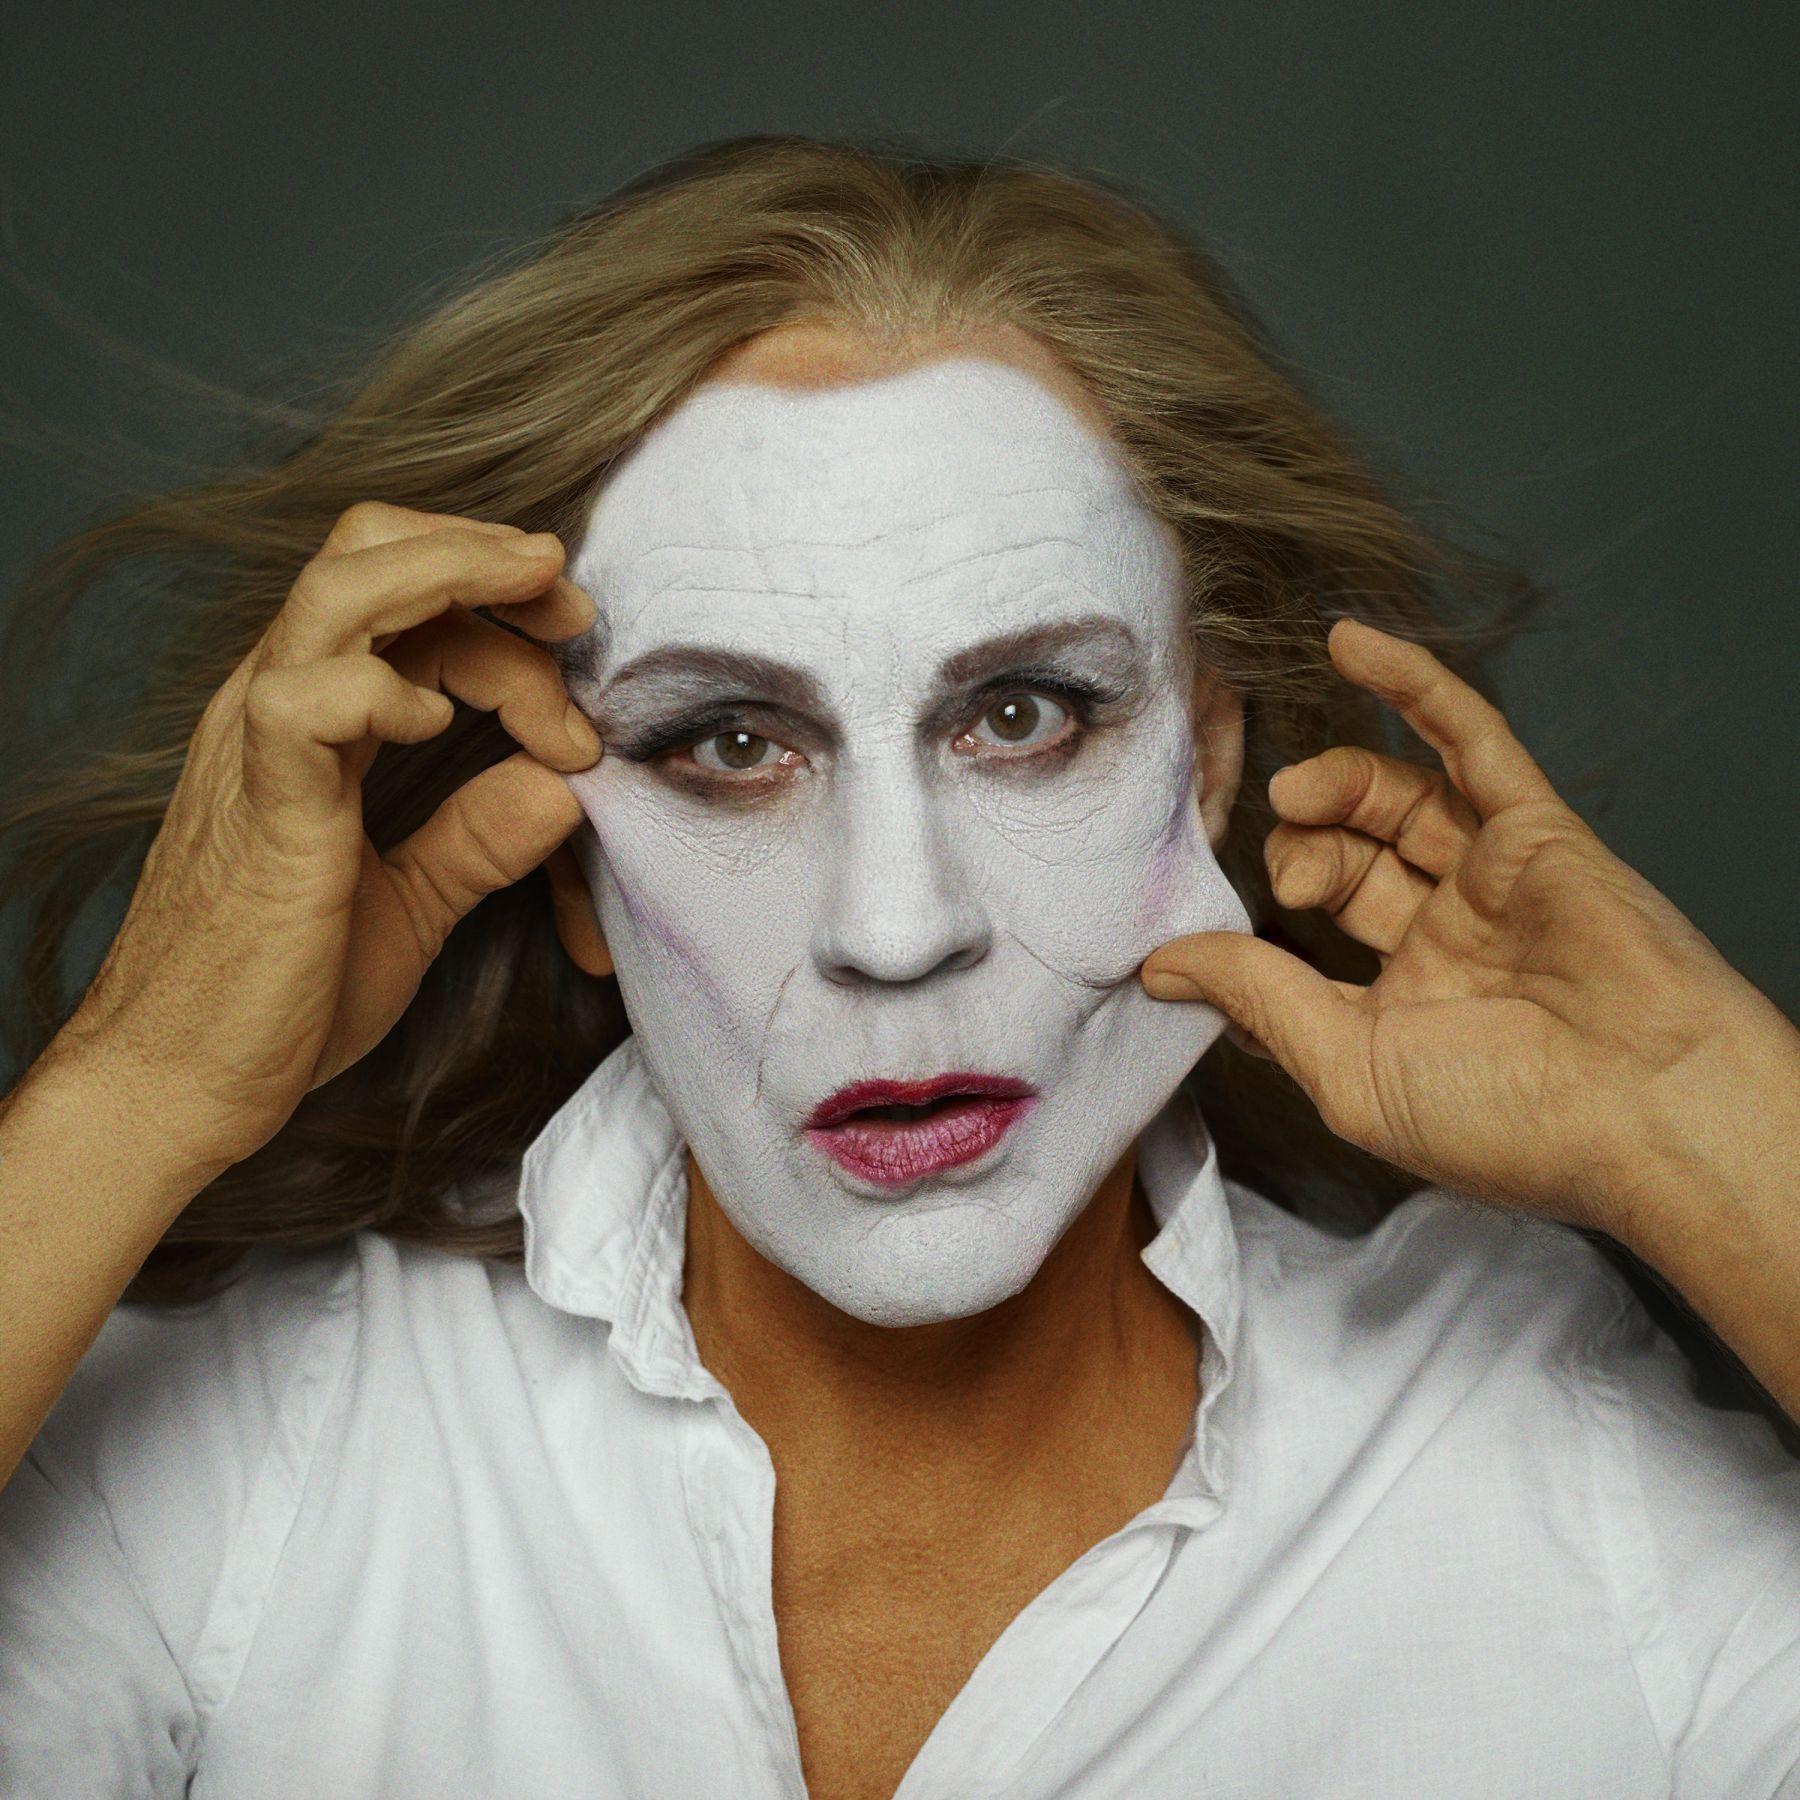 Annie Leibovitz / Meryl Streep, New York City (1981), 2014